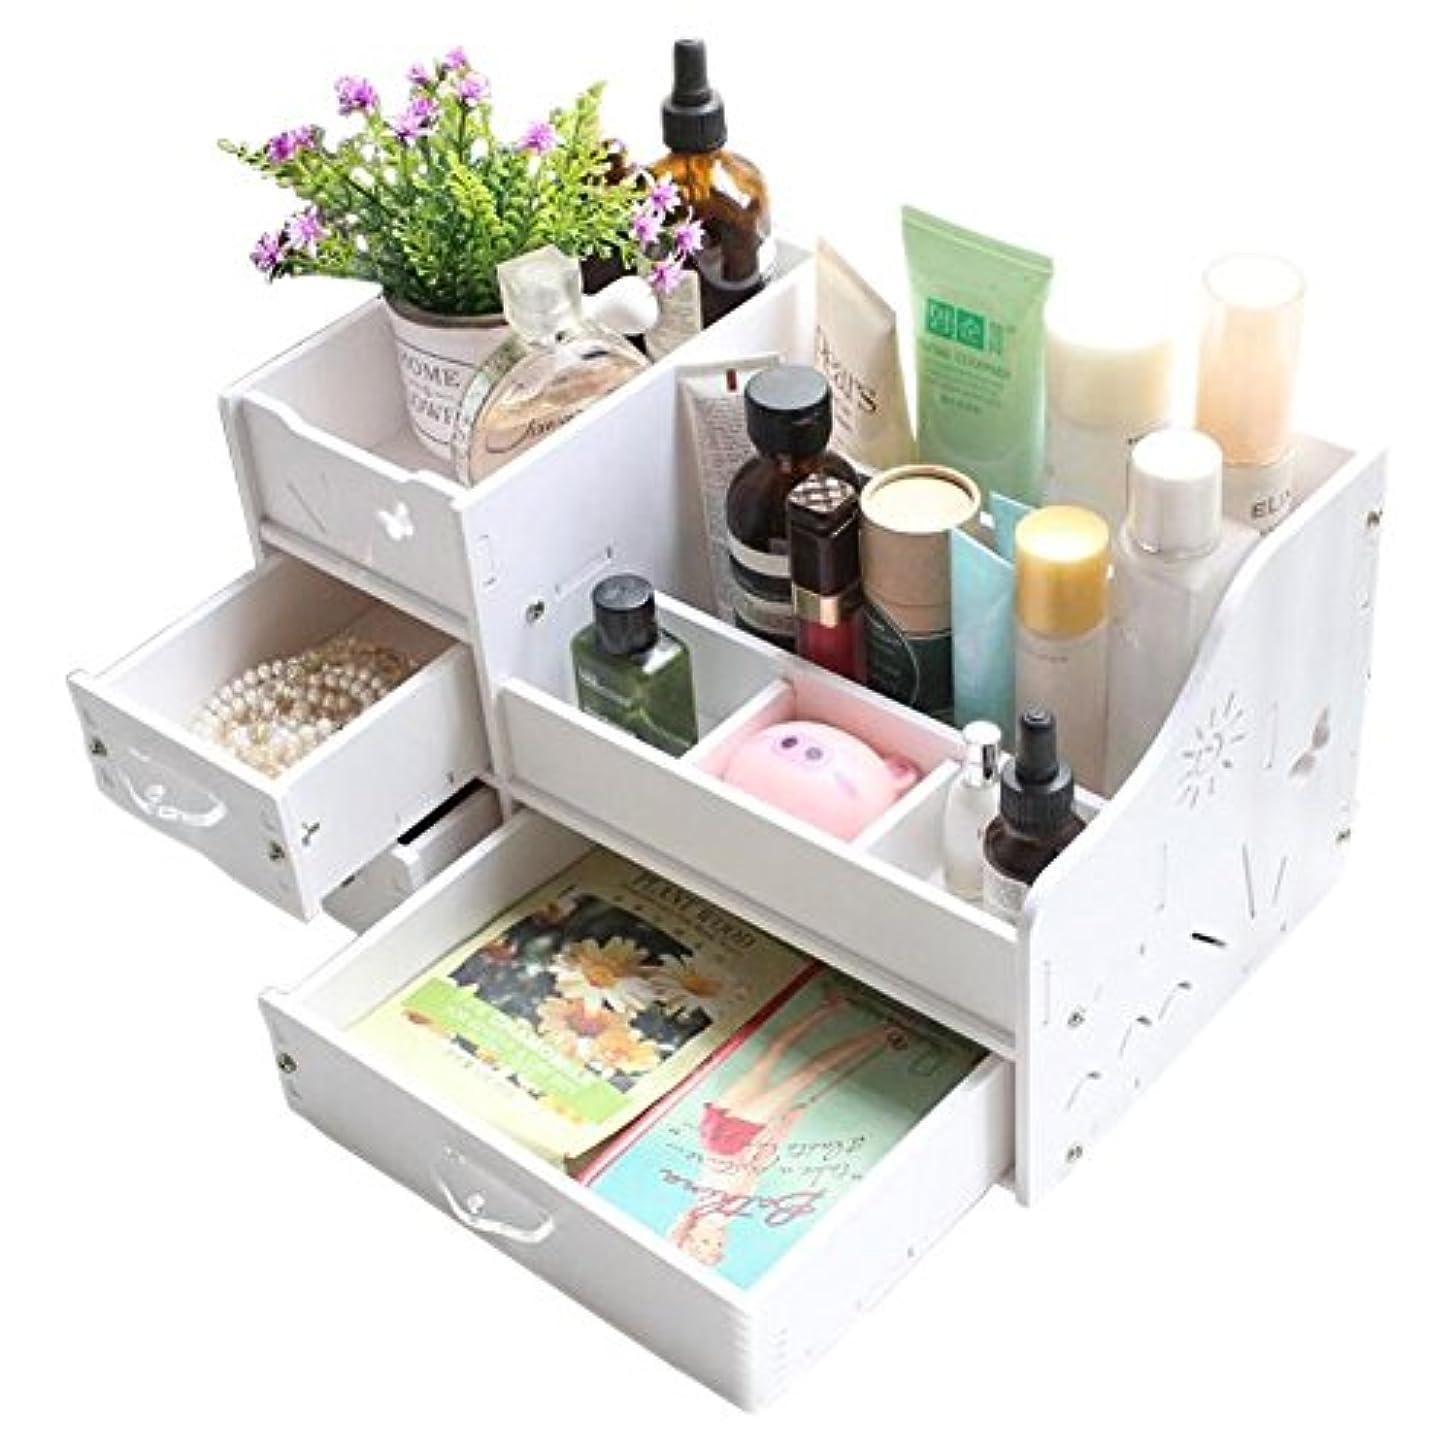 出版日付付き一目INANA 収納ボックス メイクボックス コスメボックス ジュエリー ボックス アクセサリー ケース 収納 雑貨 小物入れ 化粧道具入れ 化粧品収納 便利 (ホワイト)